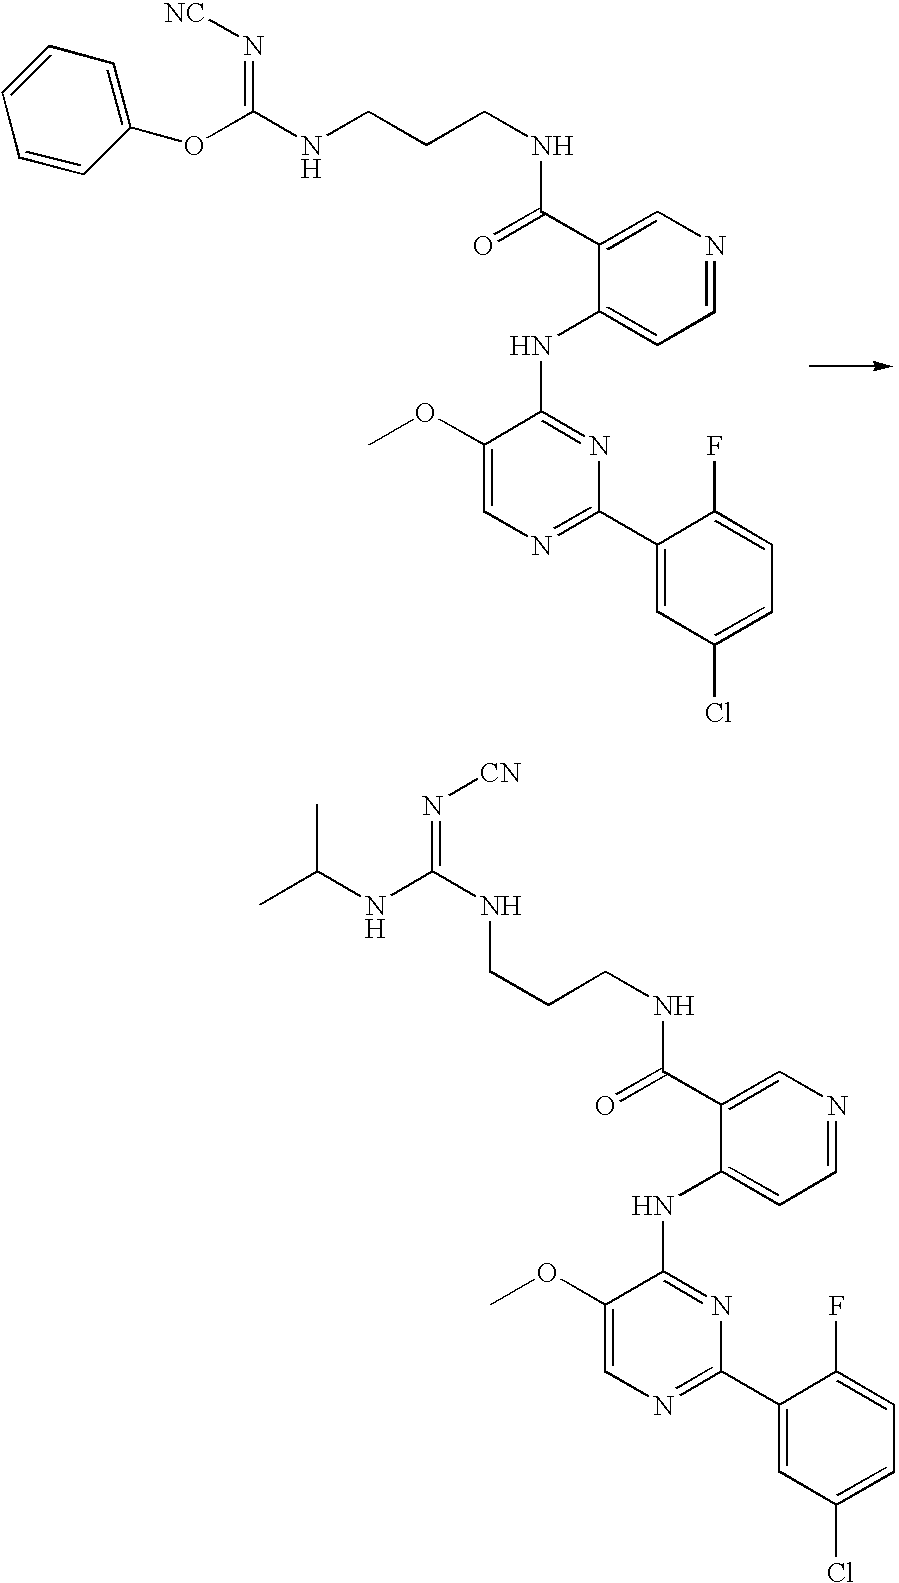 Figure US20060281763A1-20061214-C00046